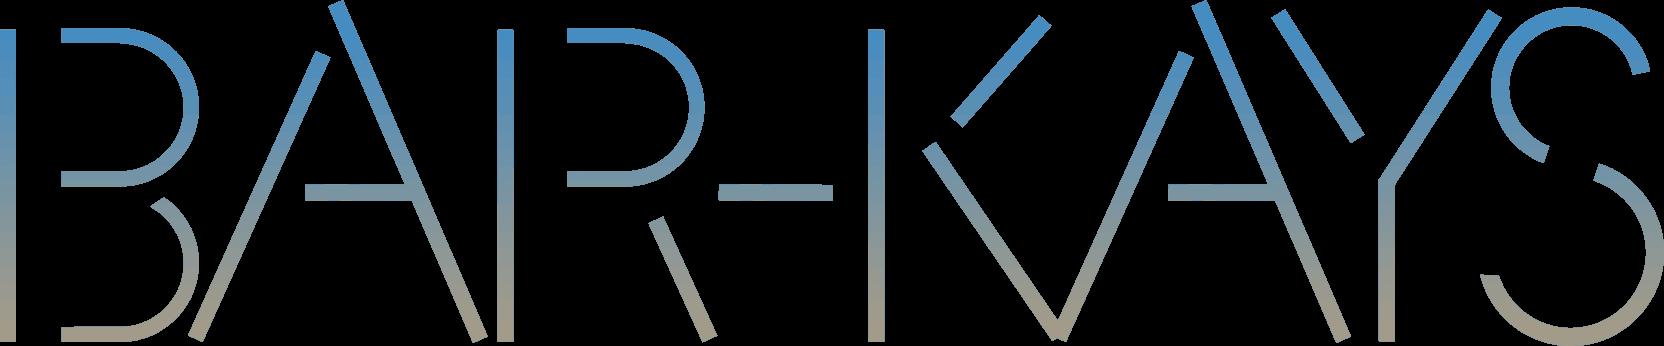 Bar-Kays Logo